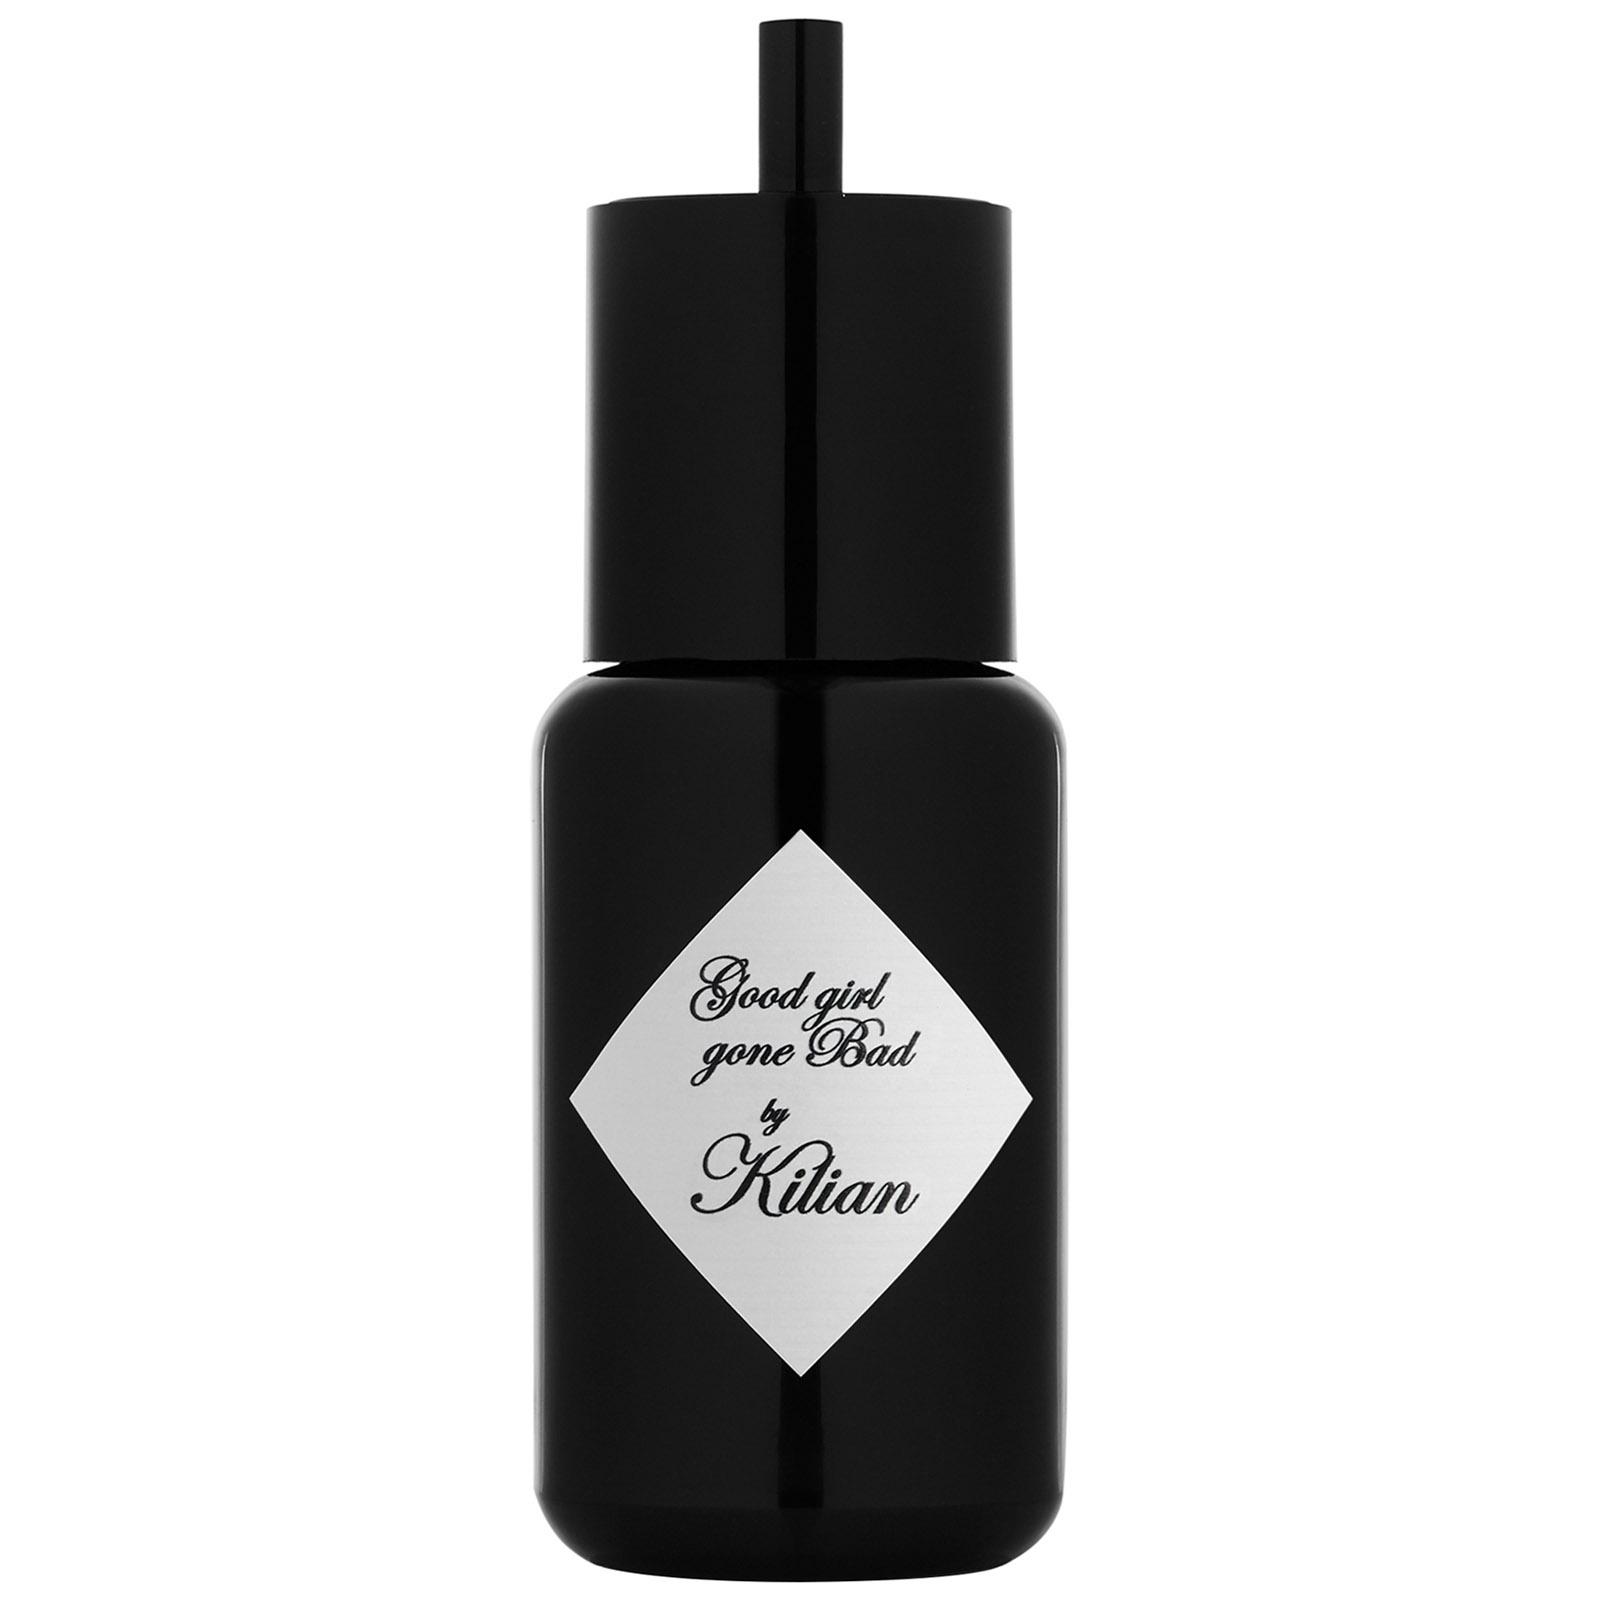 Kilian Good girl gone bad perfume refill 50 ml  - White